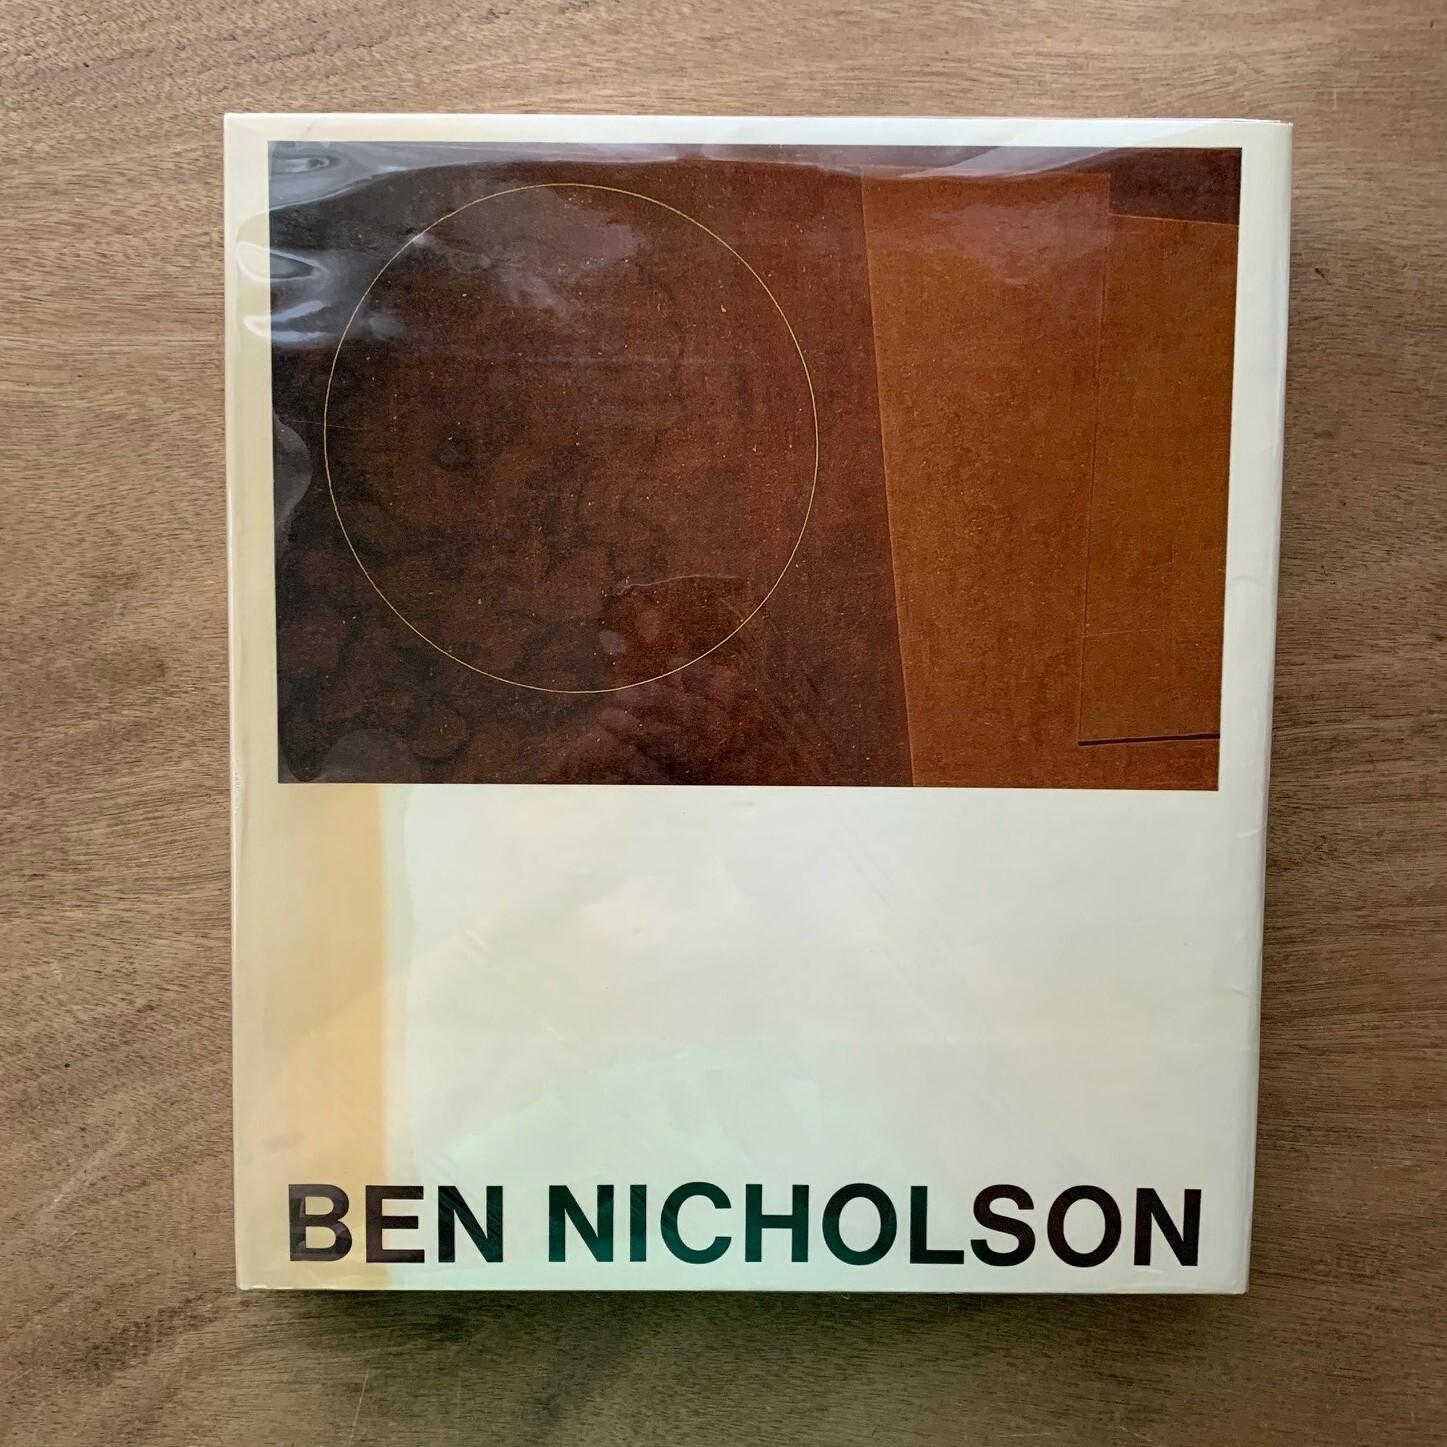 ベン・ニコルソン  Ben Nicholson drawings paintings and reliefs 1911-1968